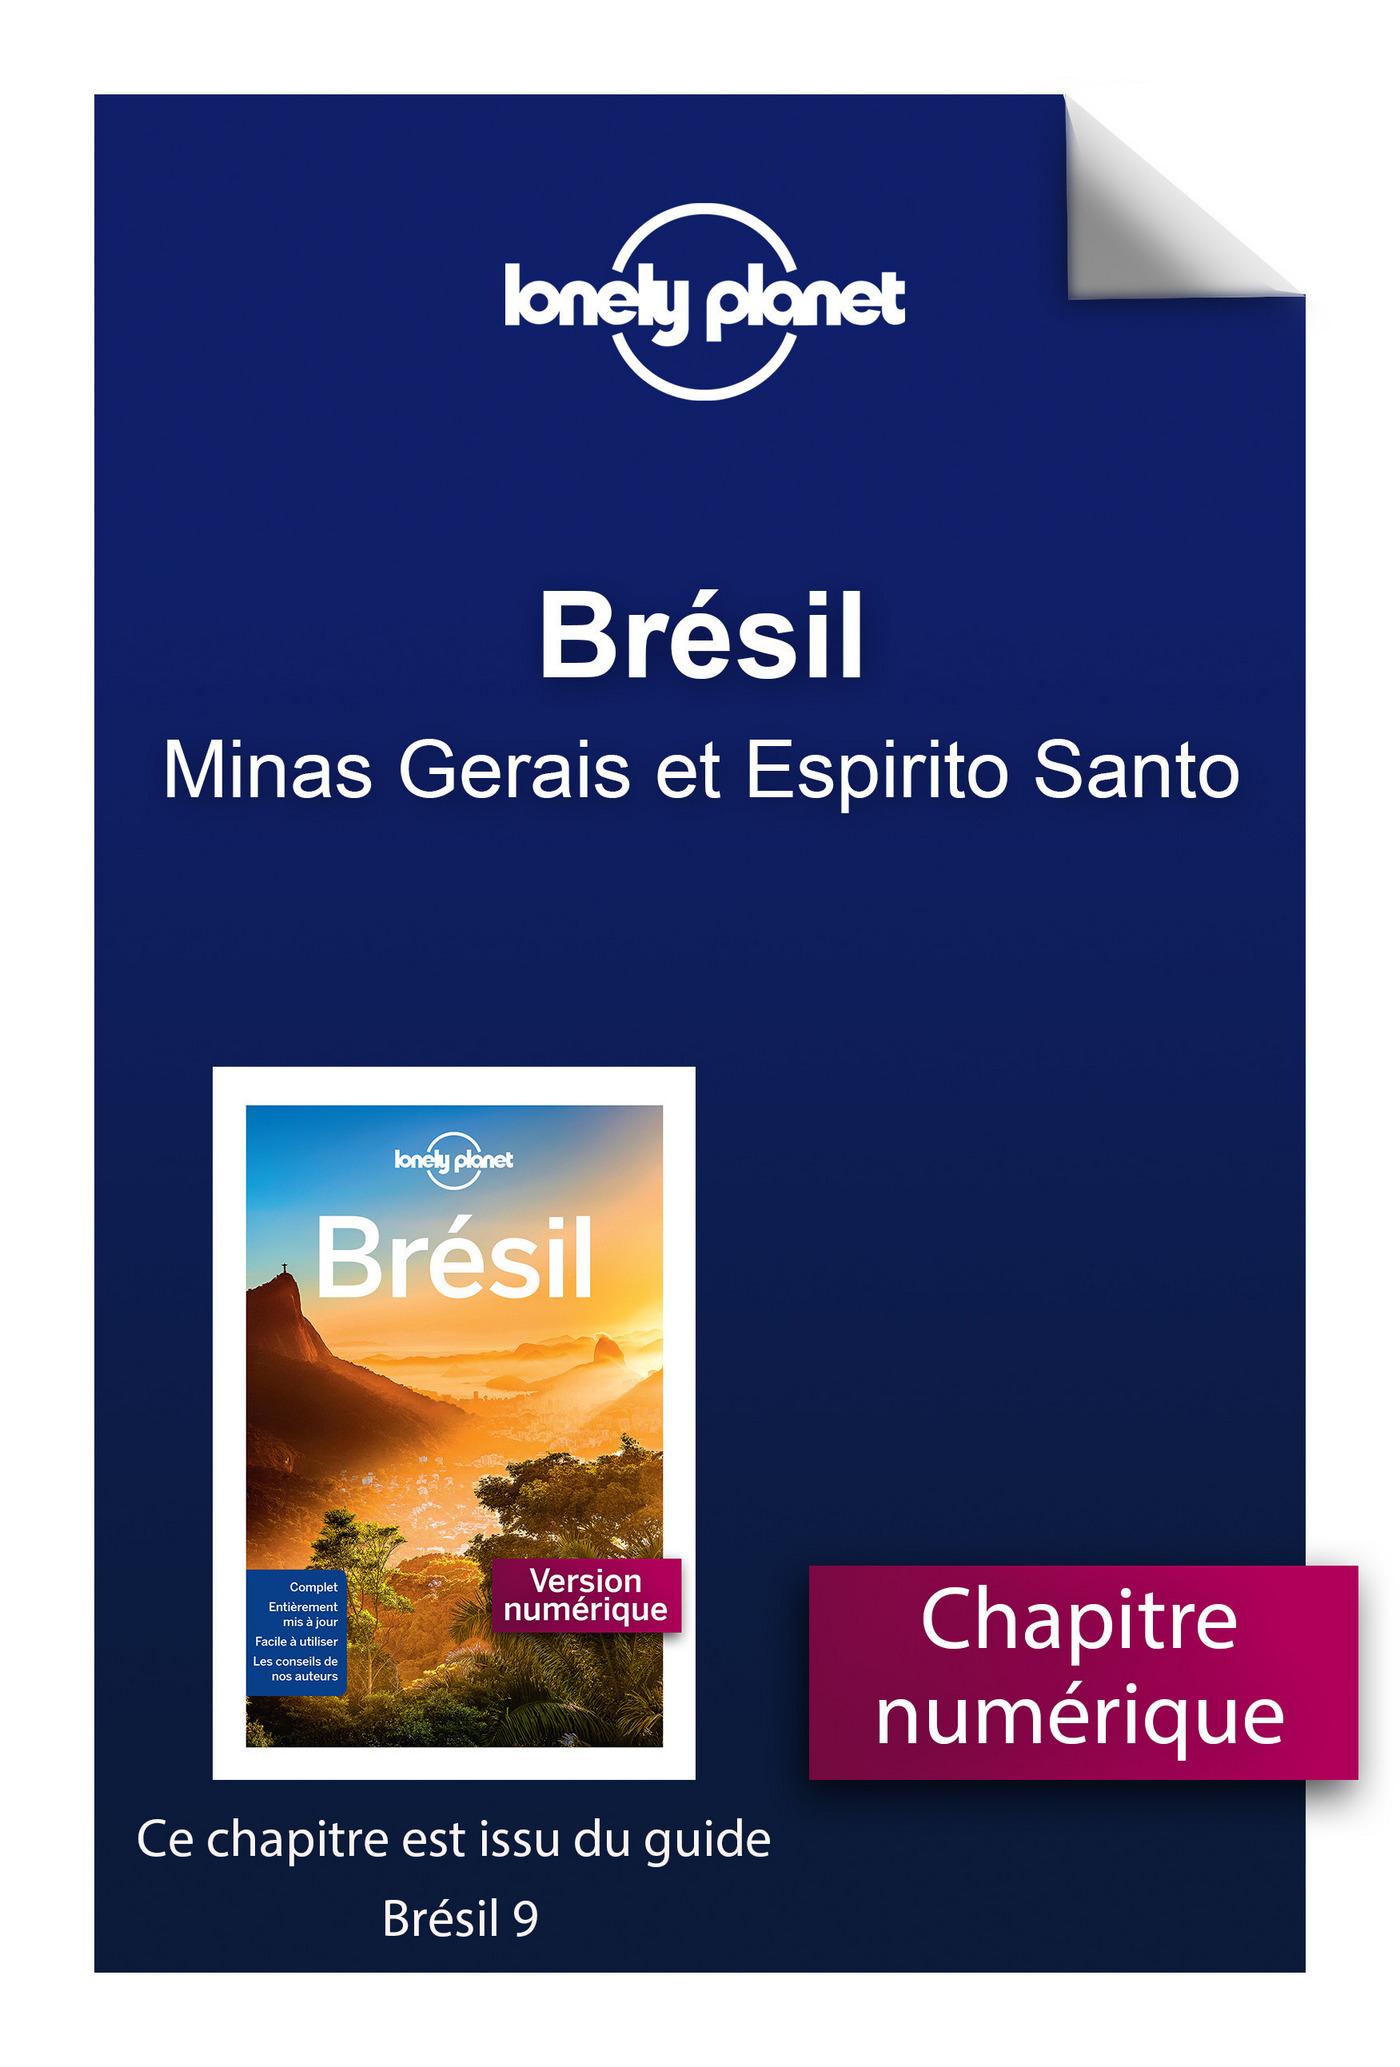 Brésil 9 - Minas Gerais et Espirito Santo